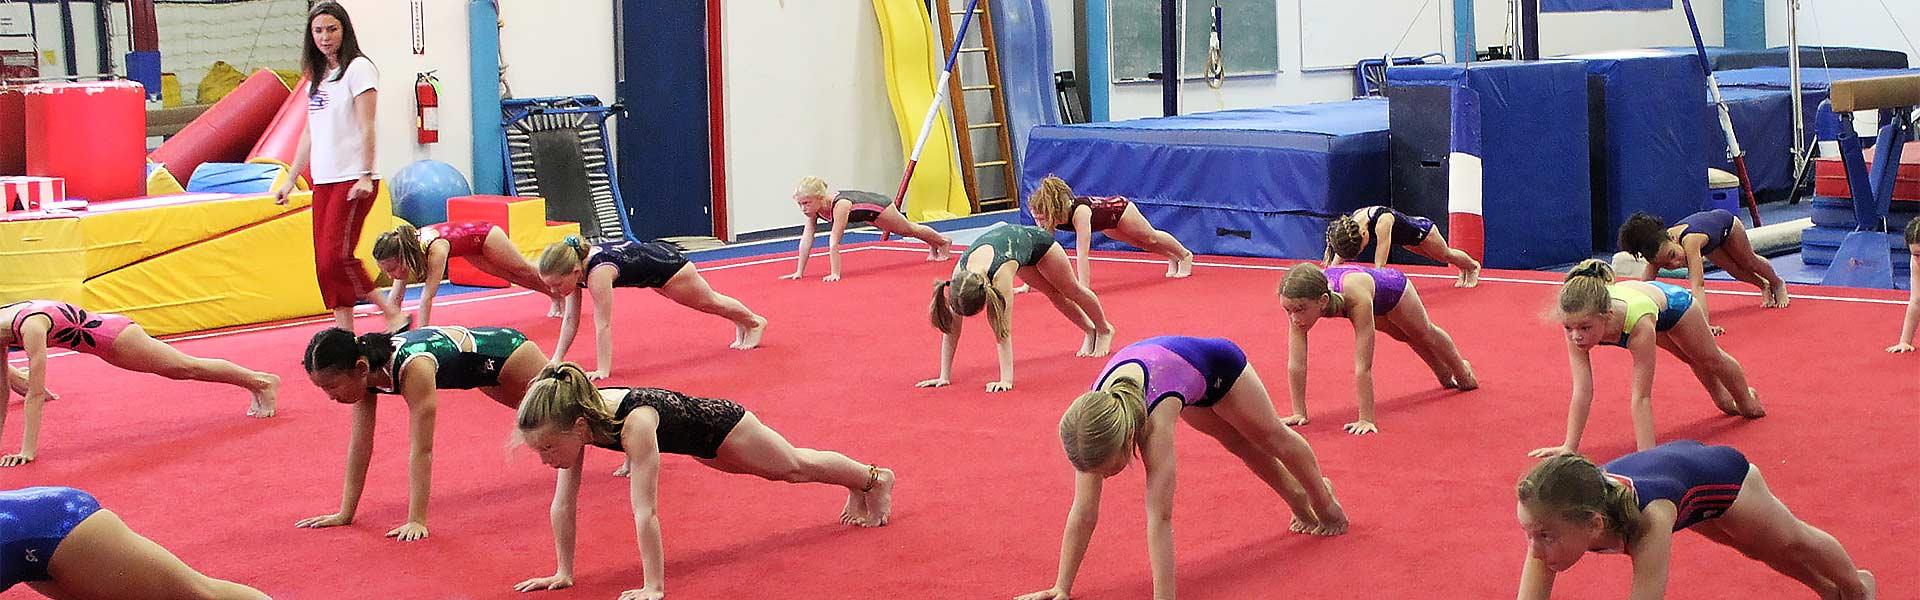 Gymnastics Classes Maine Academy Of Gymnastics